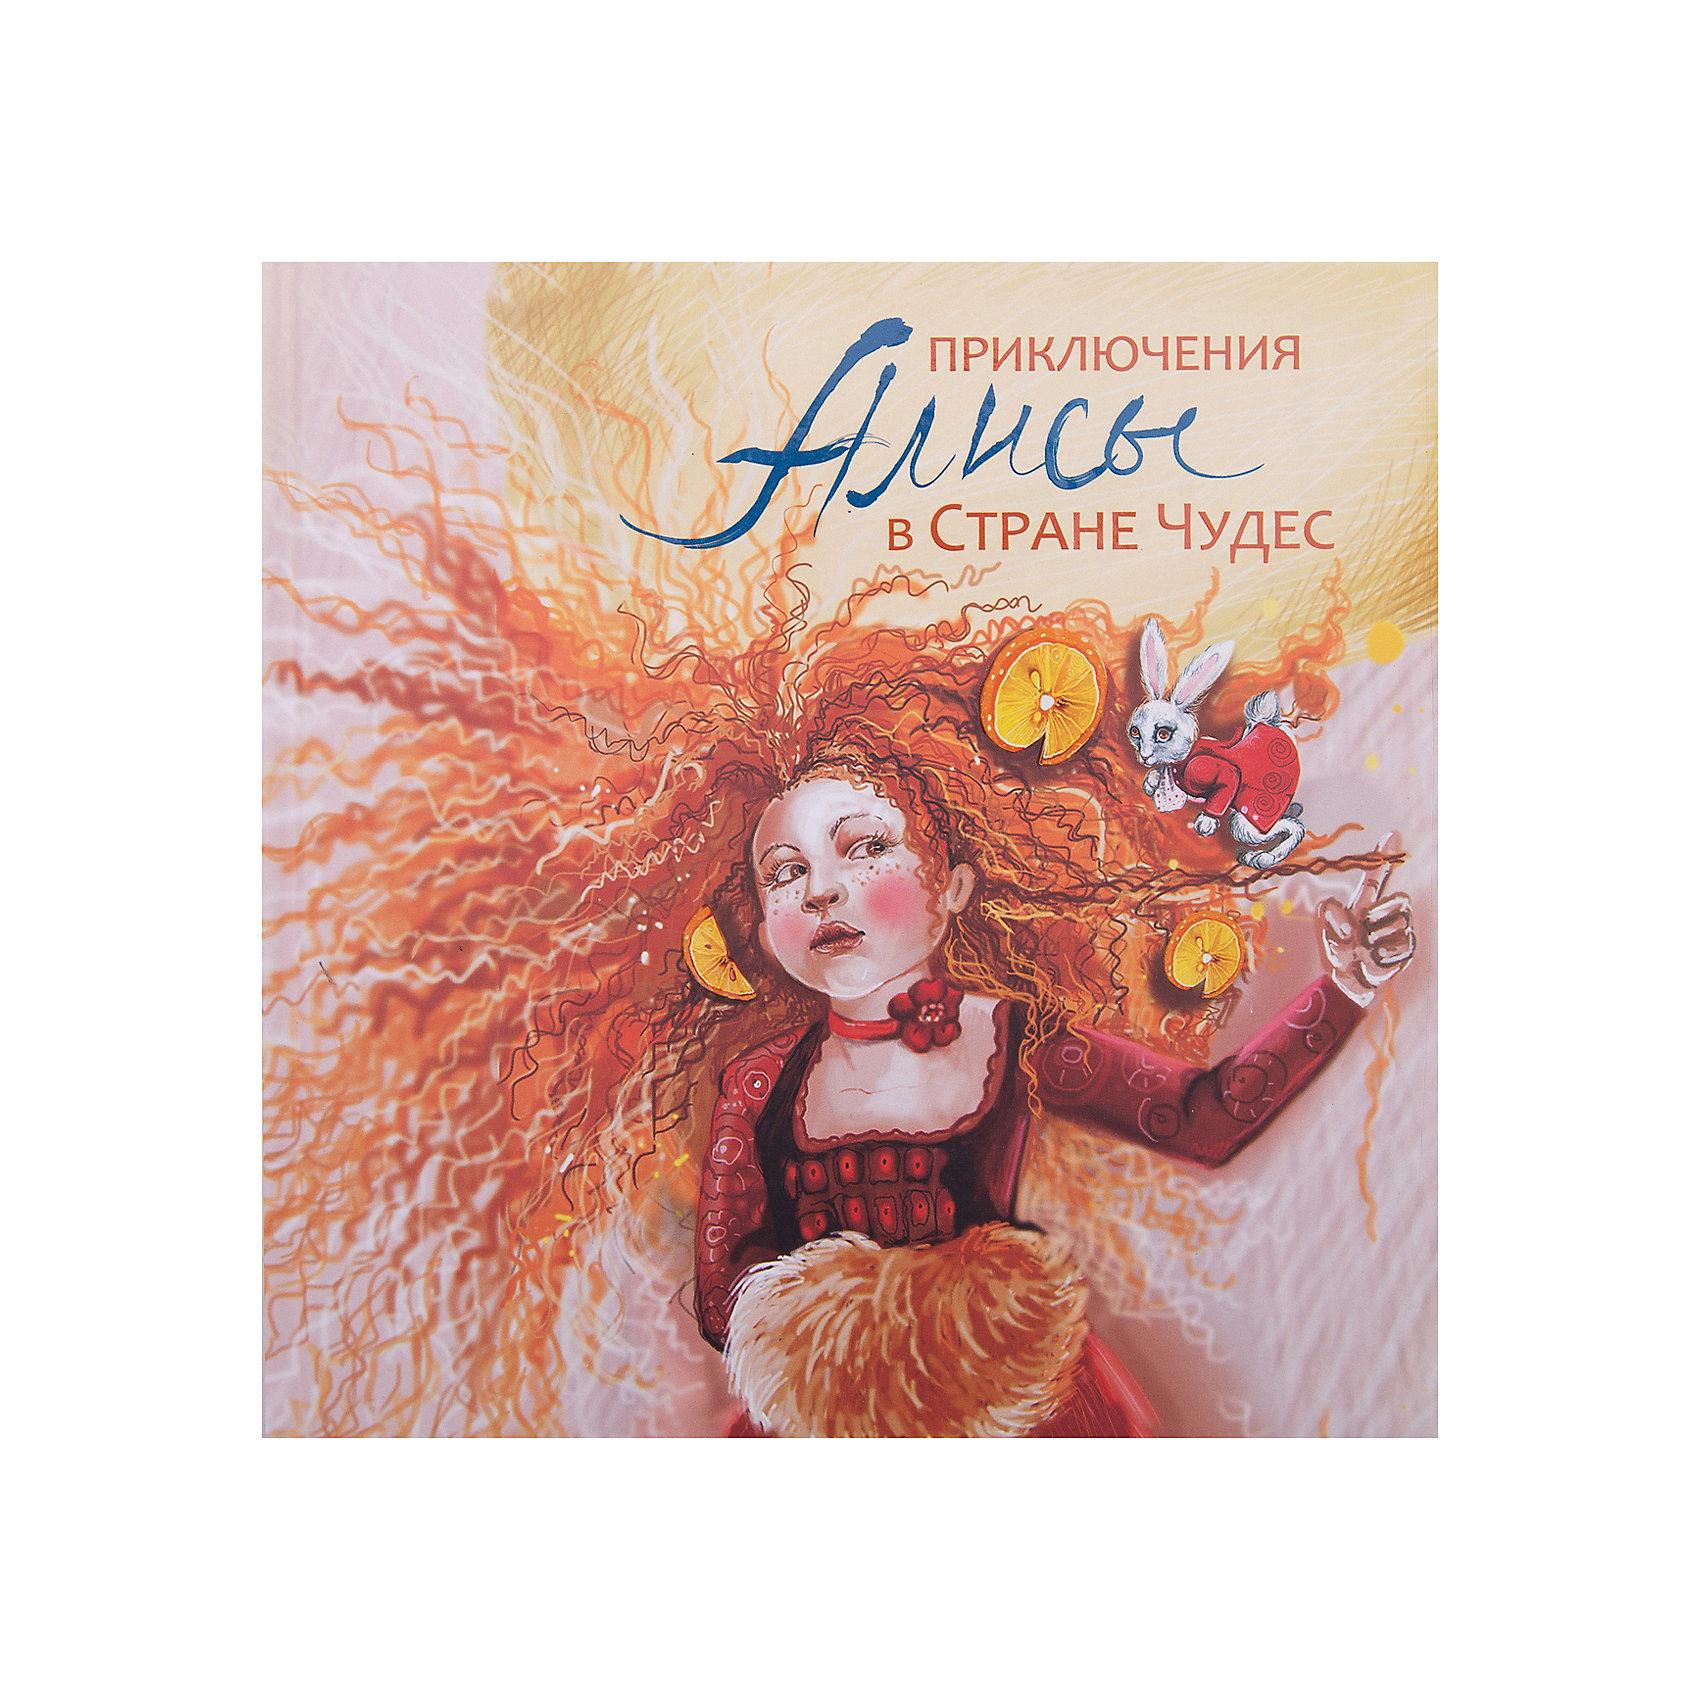 Приключения Алисы в Стране Чудес:по мотивамПеред вами не просто книга, перед вами дверь в сказку, открыв которую вы пройдете вместе с Алисой по удивительной Стране Чудес. Вас ждет старая, полюбившая с детства история и новые, фантастические иллюстрации. Эта книга будет идеальным подарком как для детей, так и для взрослых.<br><br>Ширина мм: 213<br>Глубина мм: 208<br>Высота мм: 9<br>Вес г: 315<br>Возраст от месяцев: 72<br>Возраст до месяцев: 120<br>Пол: Унисекс<br>Возраст: Детский<br>SKU: 3103083